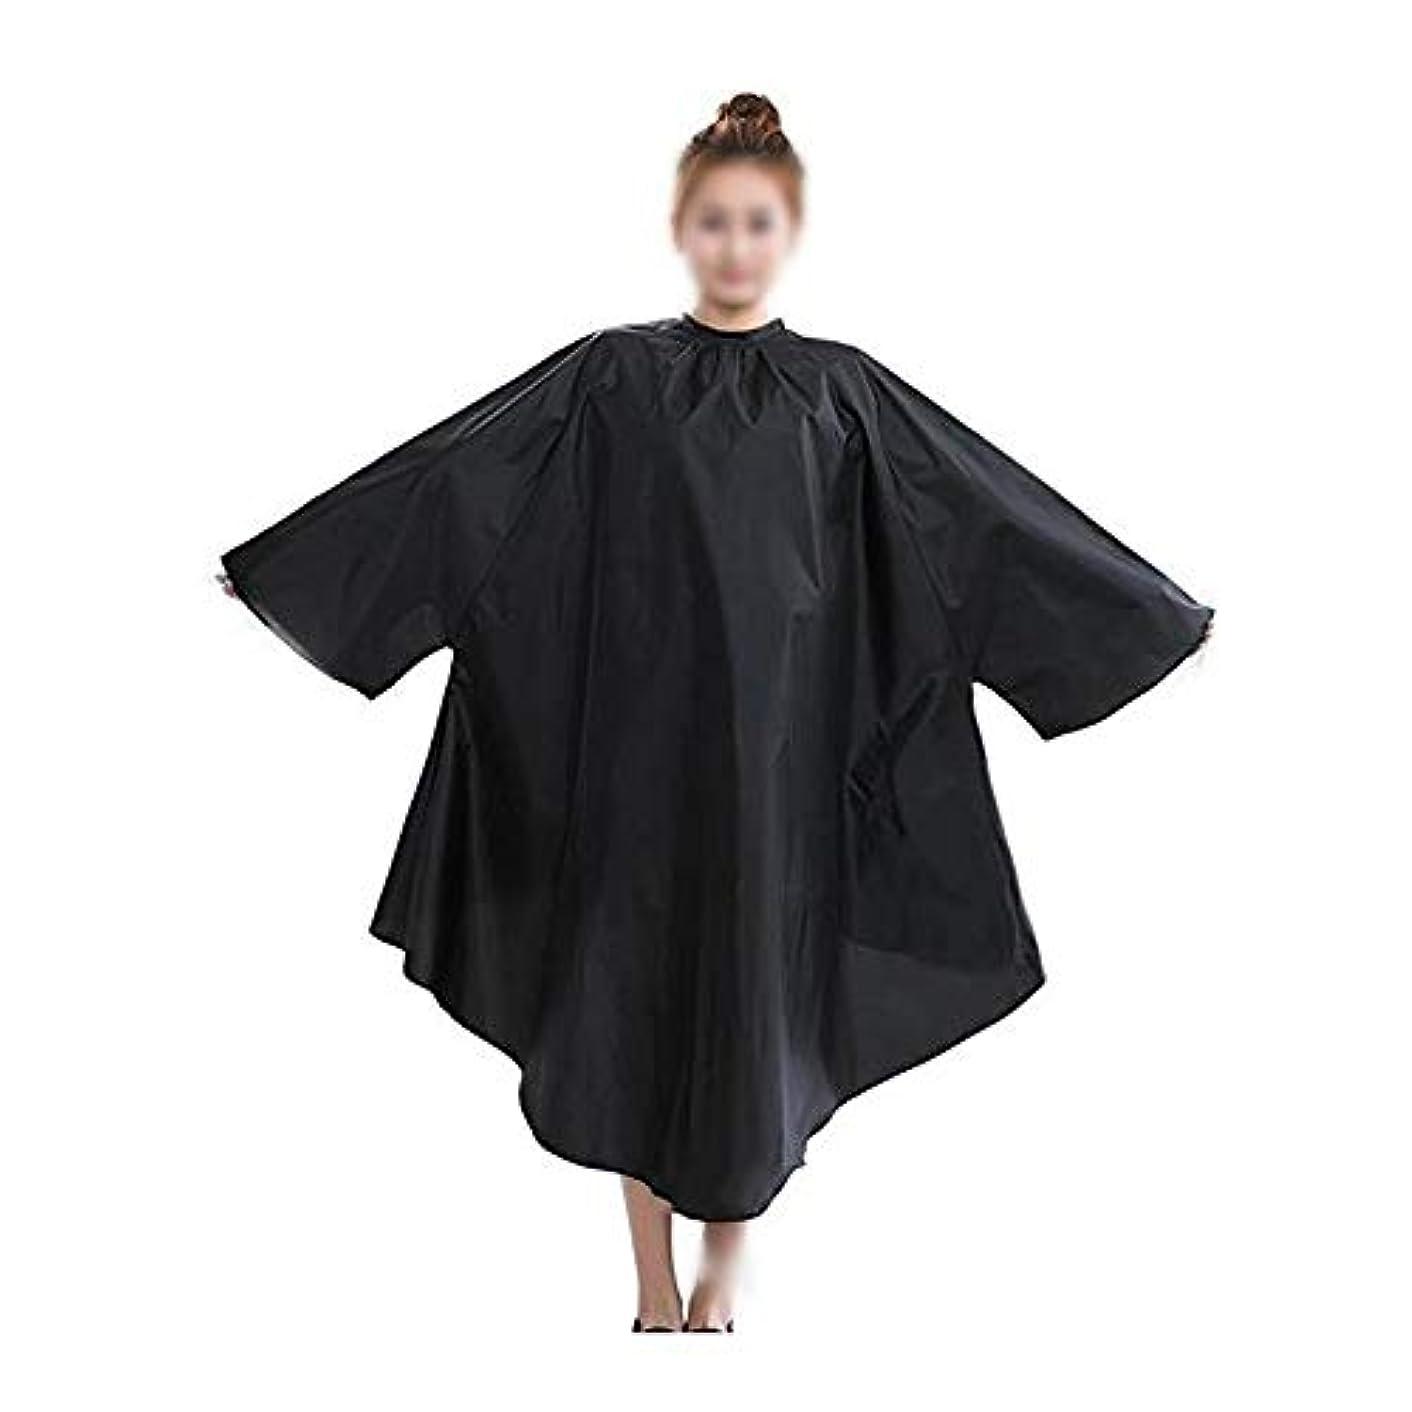 店員引っ張るけがをする袖の専門の大広間のポリエステル理髪師の岬が付いている毛の切断のガウン モデリングツール (色 : 黒)